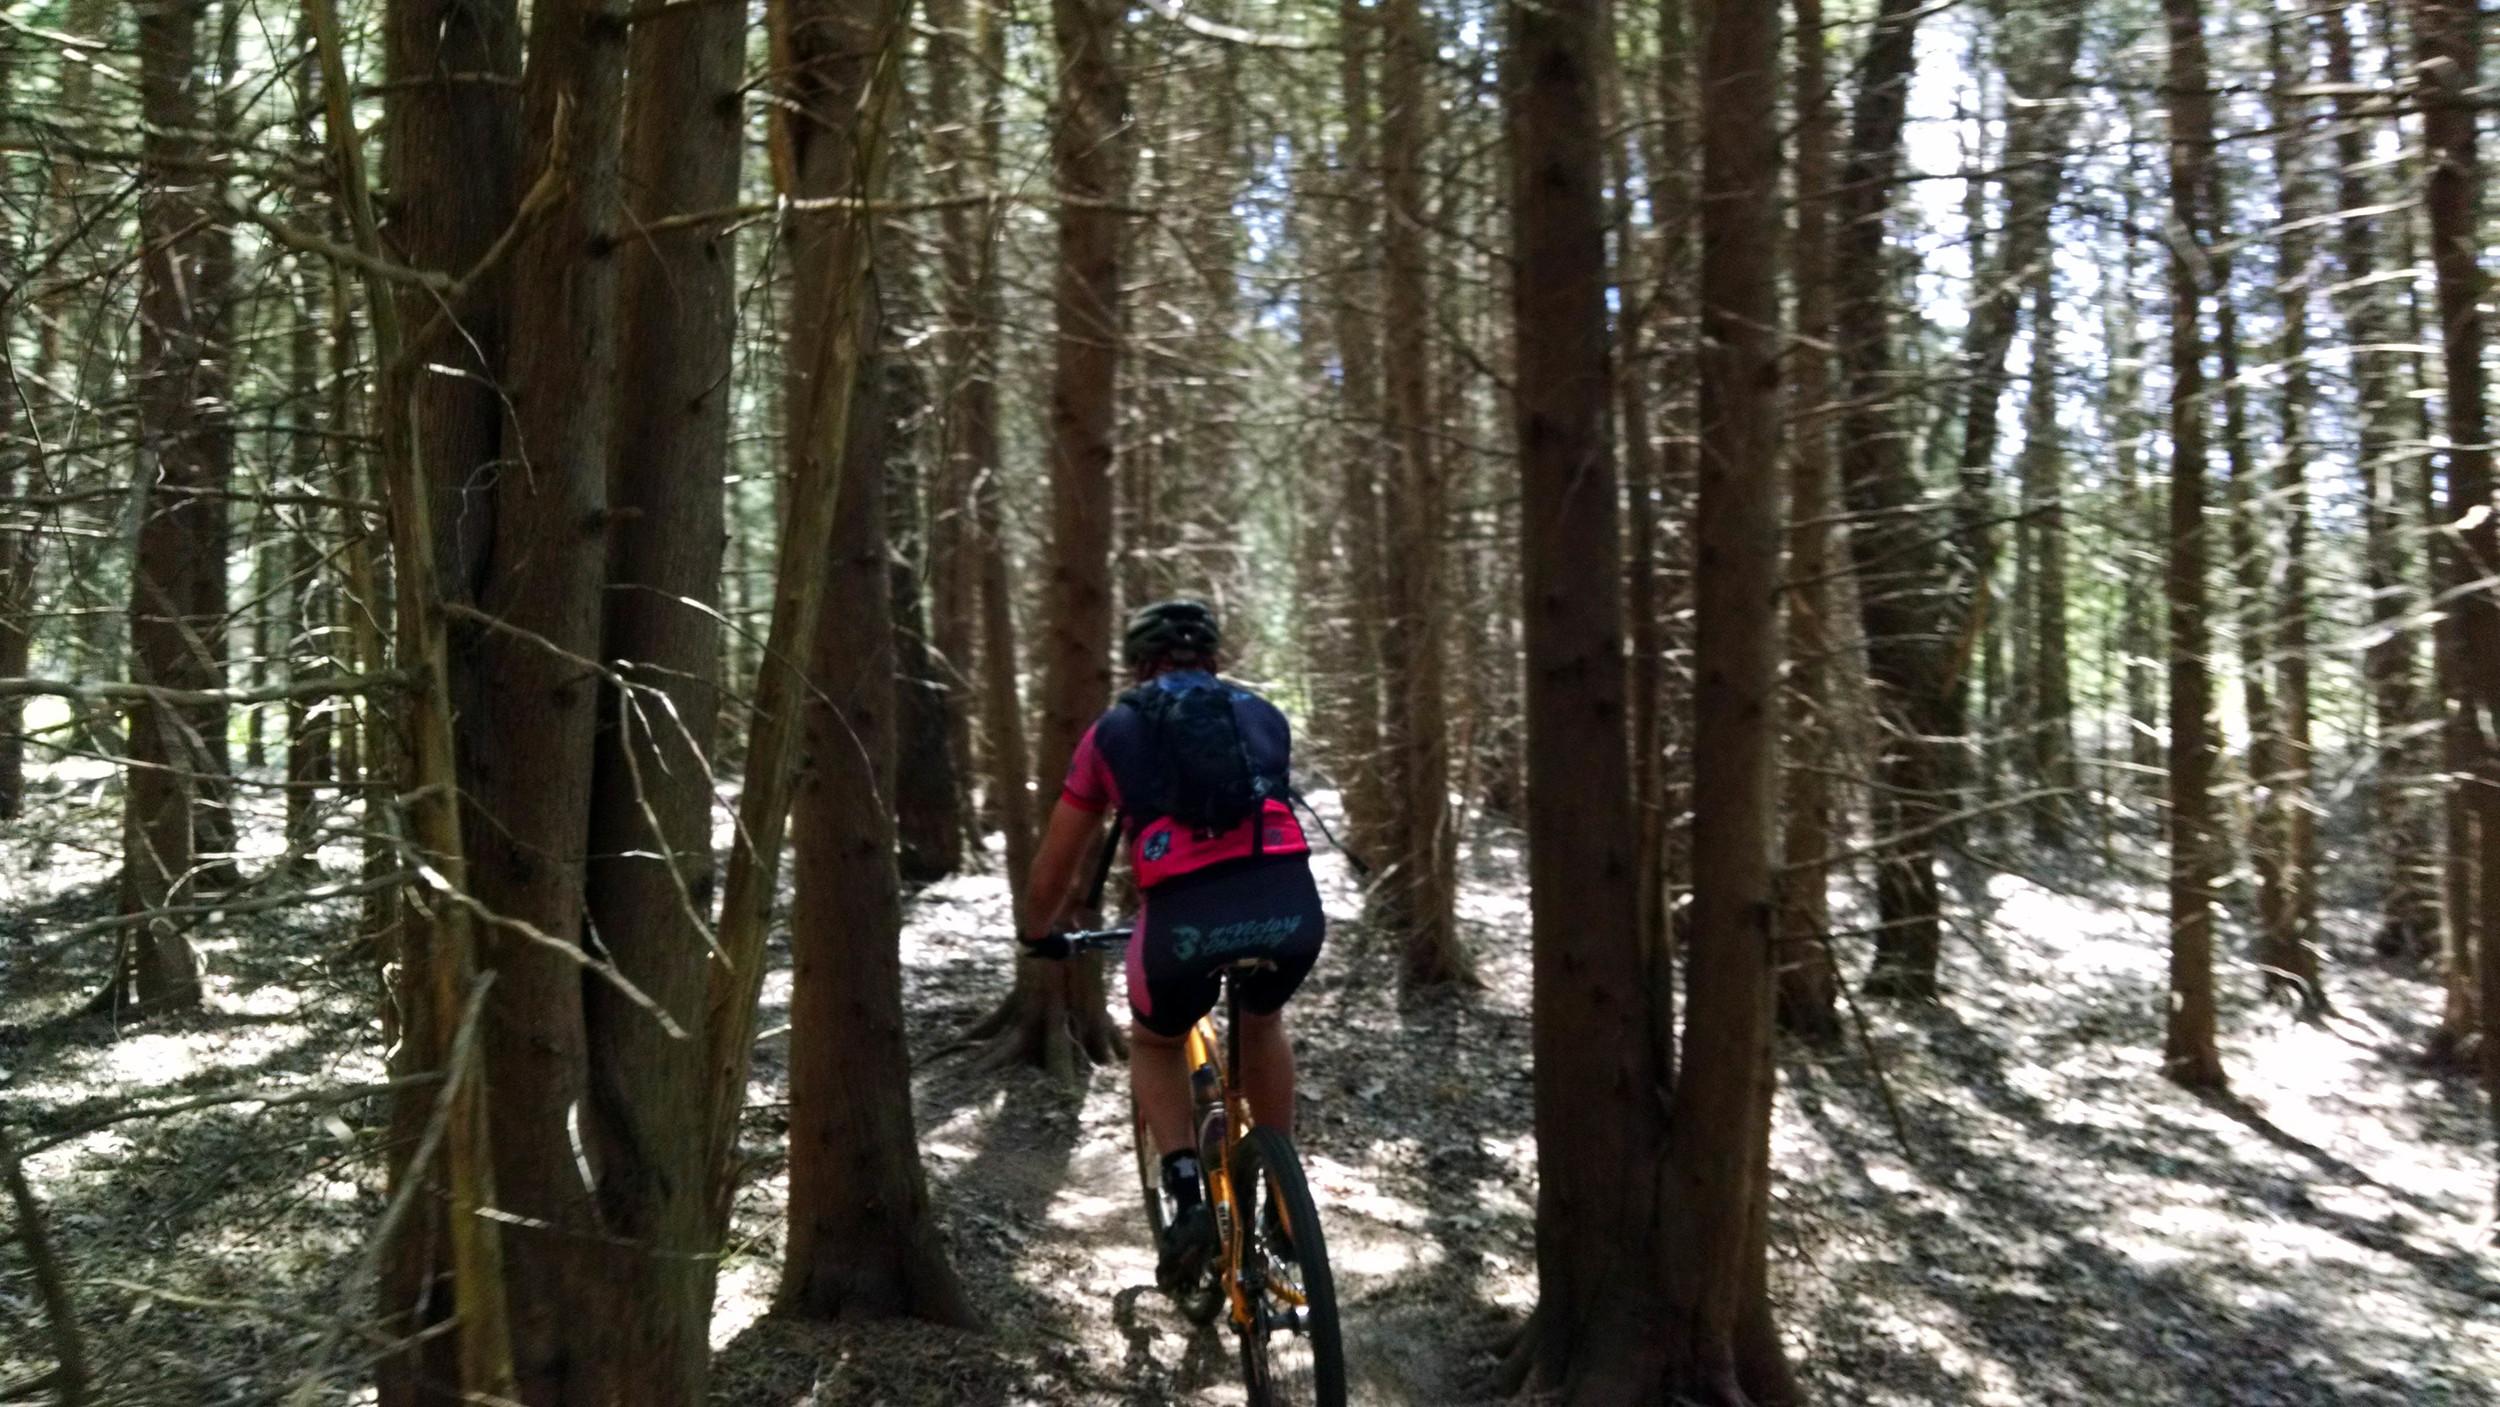 Schratz out in a pine forest.